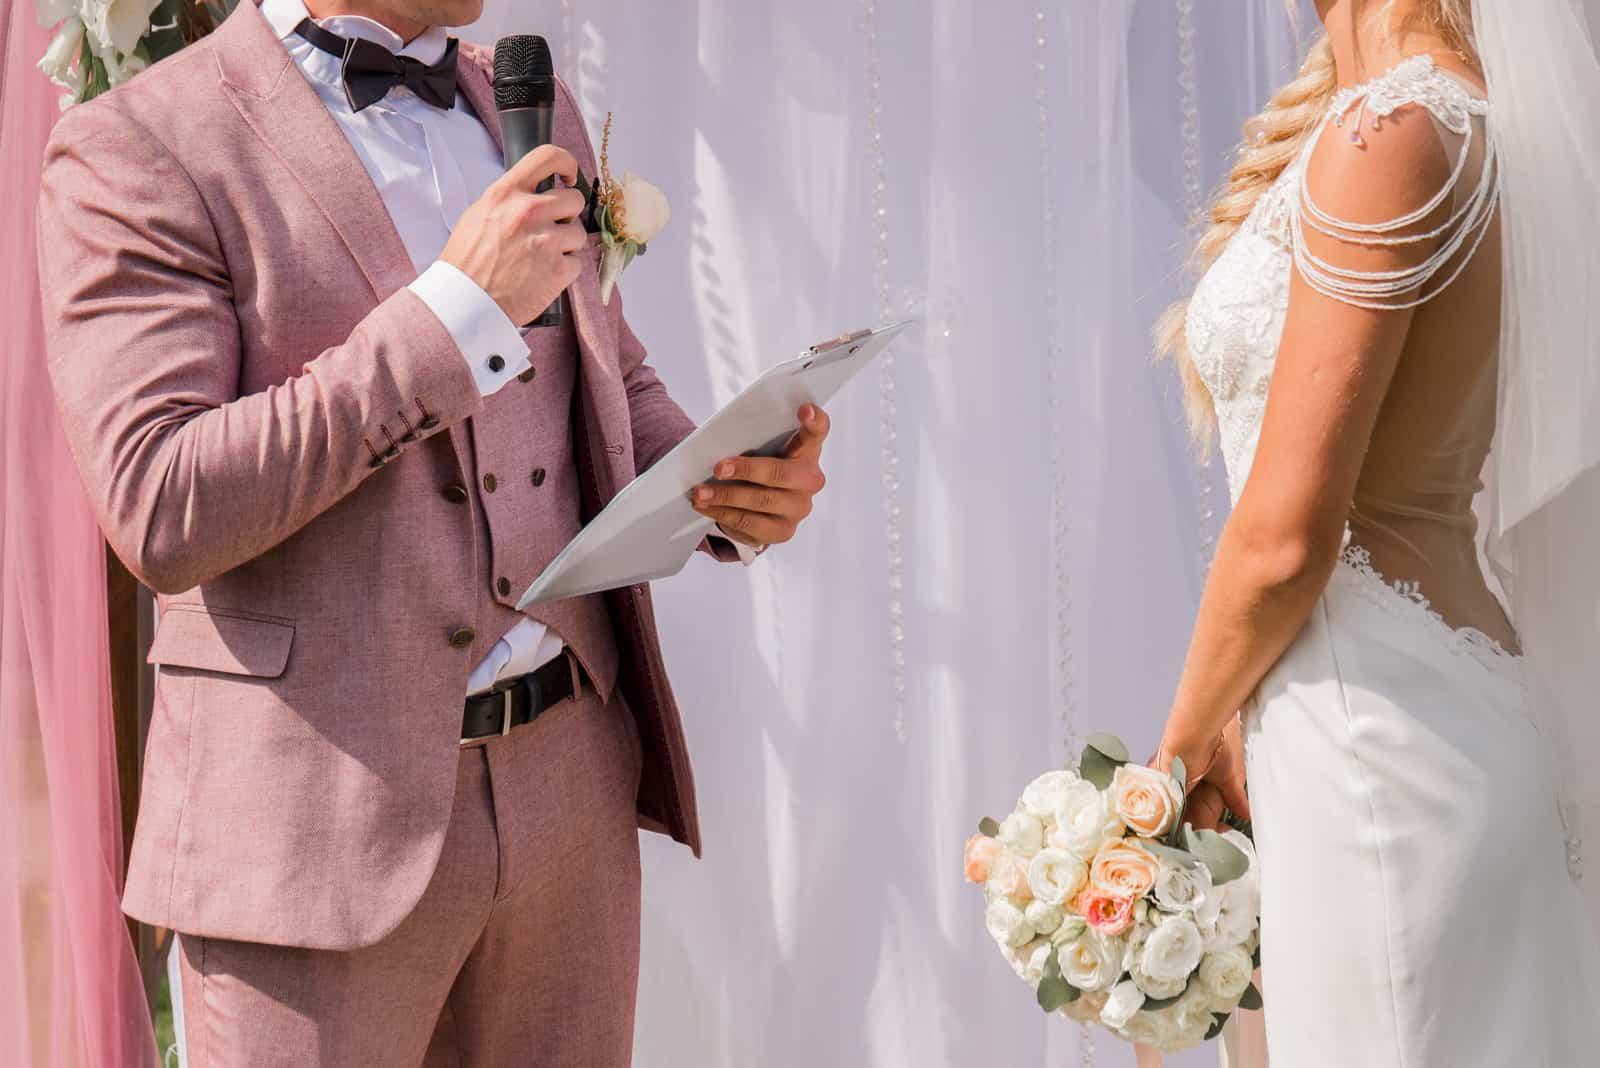 un homme parle dans un micro lors d'un mariage